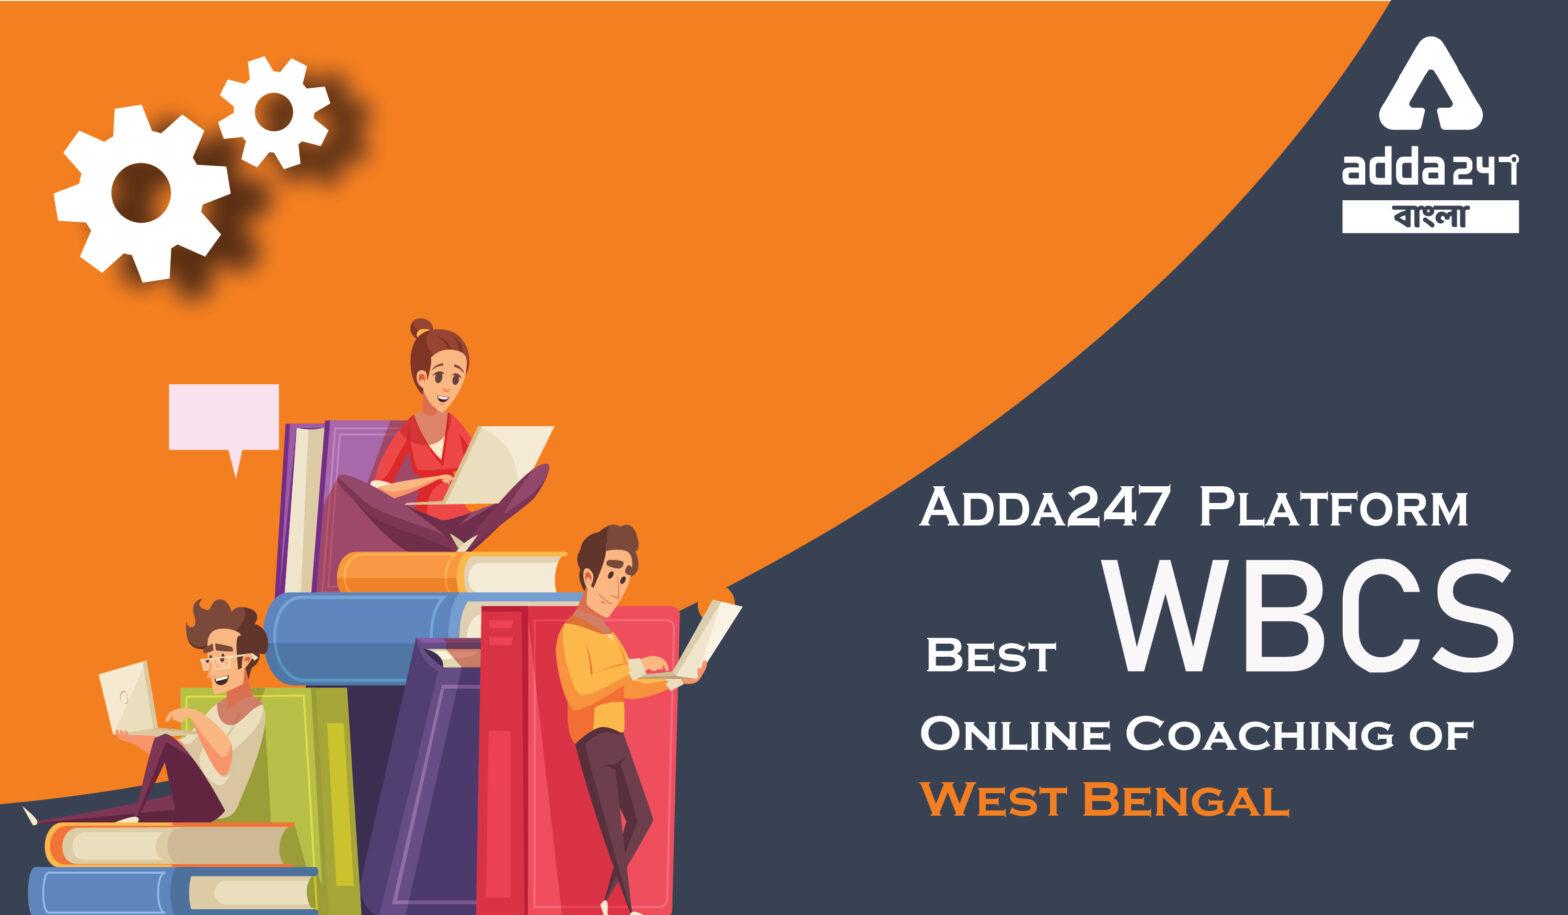 সেরা WBCS অনলাইন কোচিং (Best WBCS online coaching ) : Adda247 Bengali_40.1